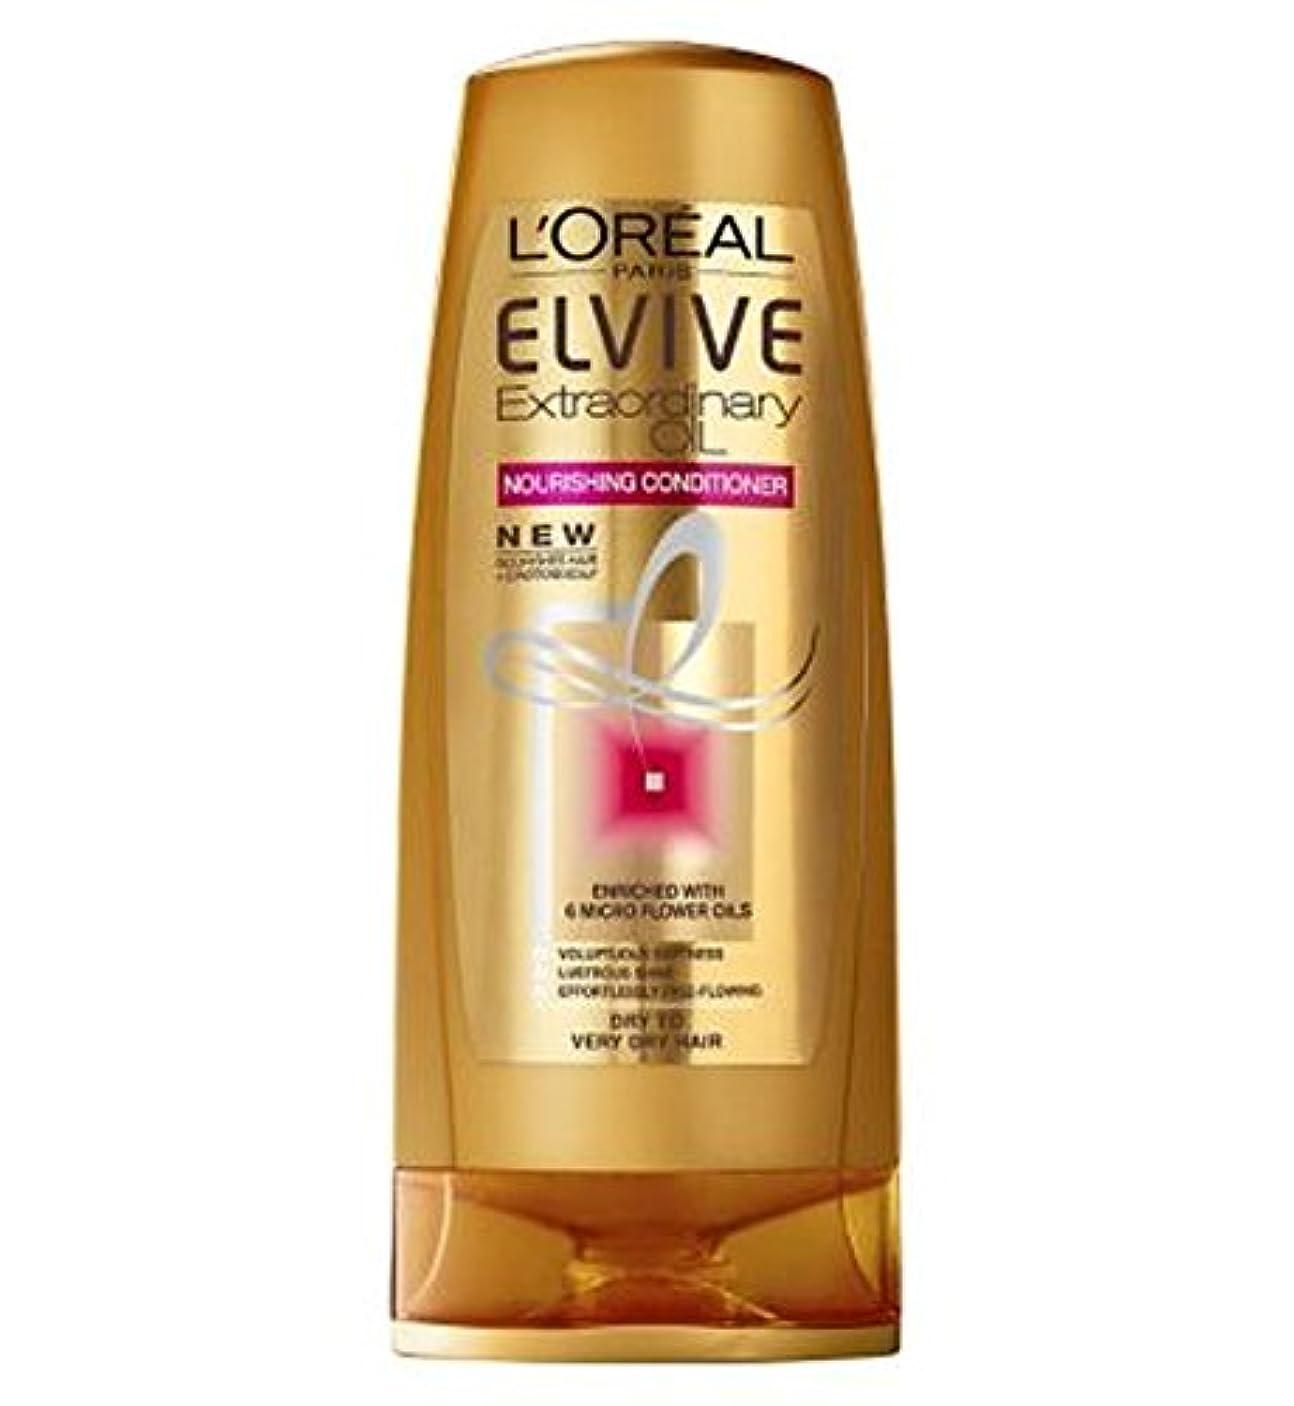 詐欺師魅了する近くL'Oreal Elvive Extraordinary Oils Nourishing Conditioner Dry to Rough Hair 250ml - ラフヘア250ミリリットルにコンディショナードライ栄養ロレアルElvive臨時油 (L'Oreal) [並行輸入品]